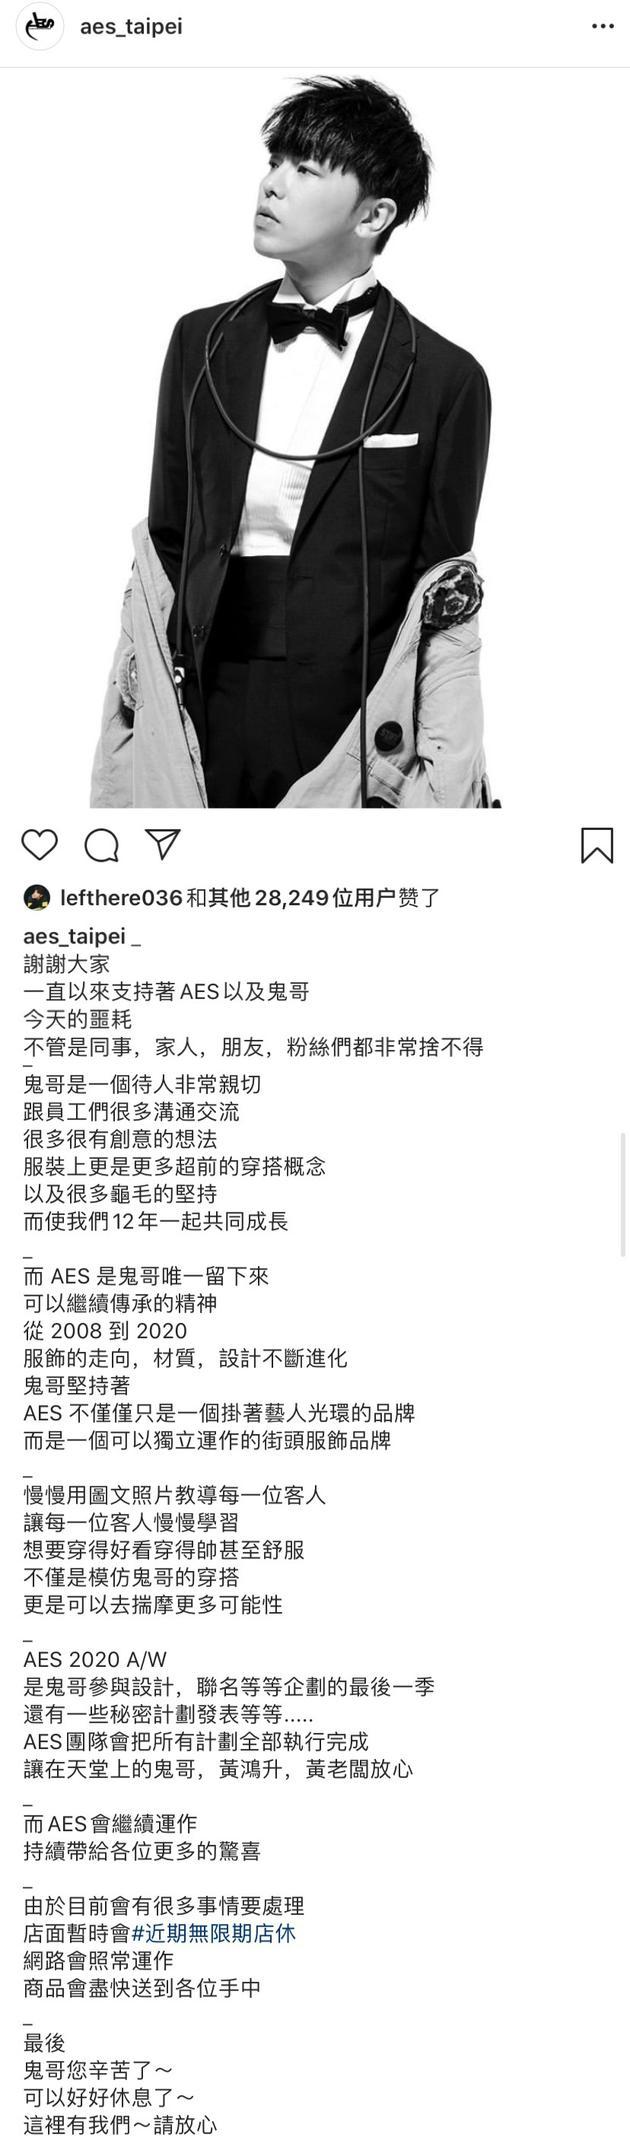 黄鸿升12年潮牌无限期休店:鬼哥唯一留下的精神